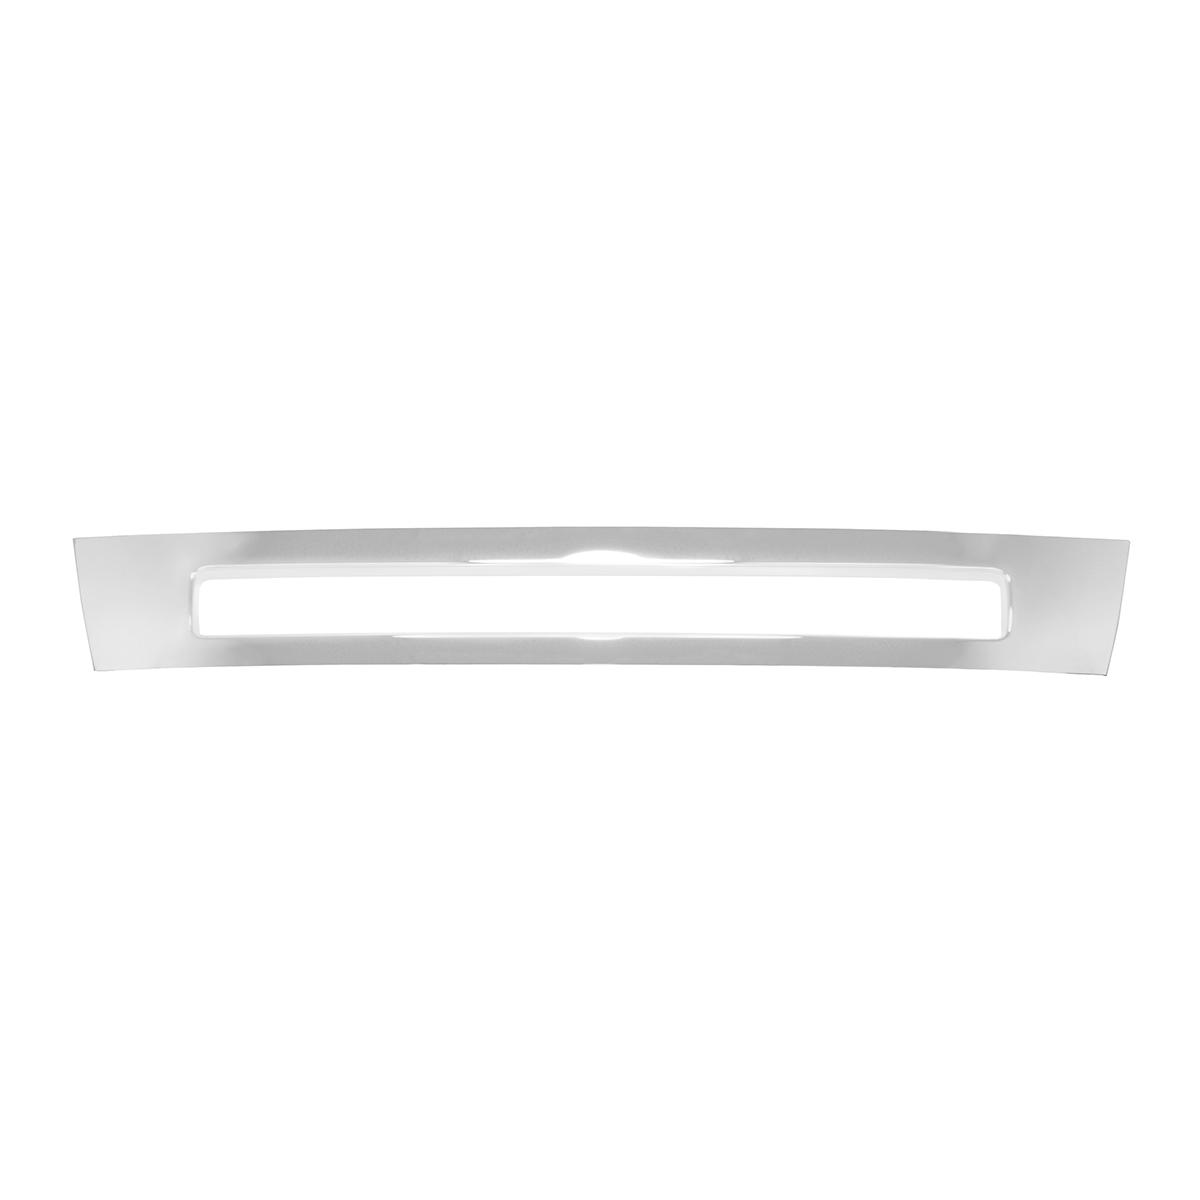 89323 Chrome Plastic Front Bumper Cover (Center) for Volvo VNL